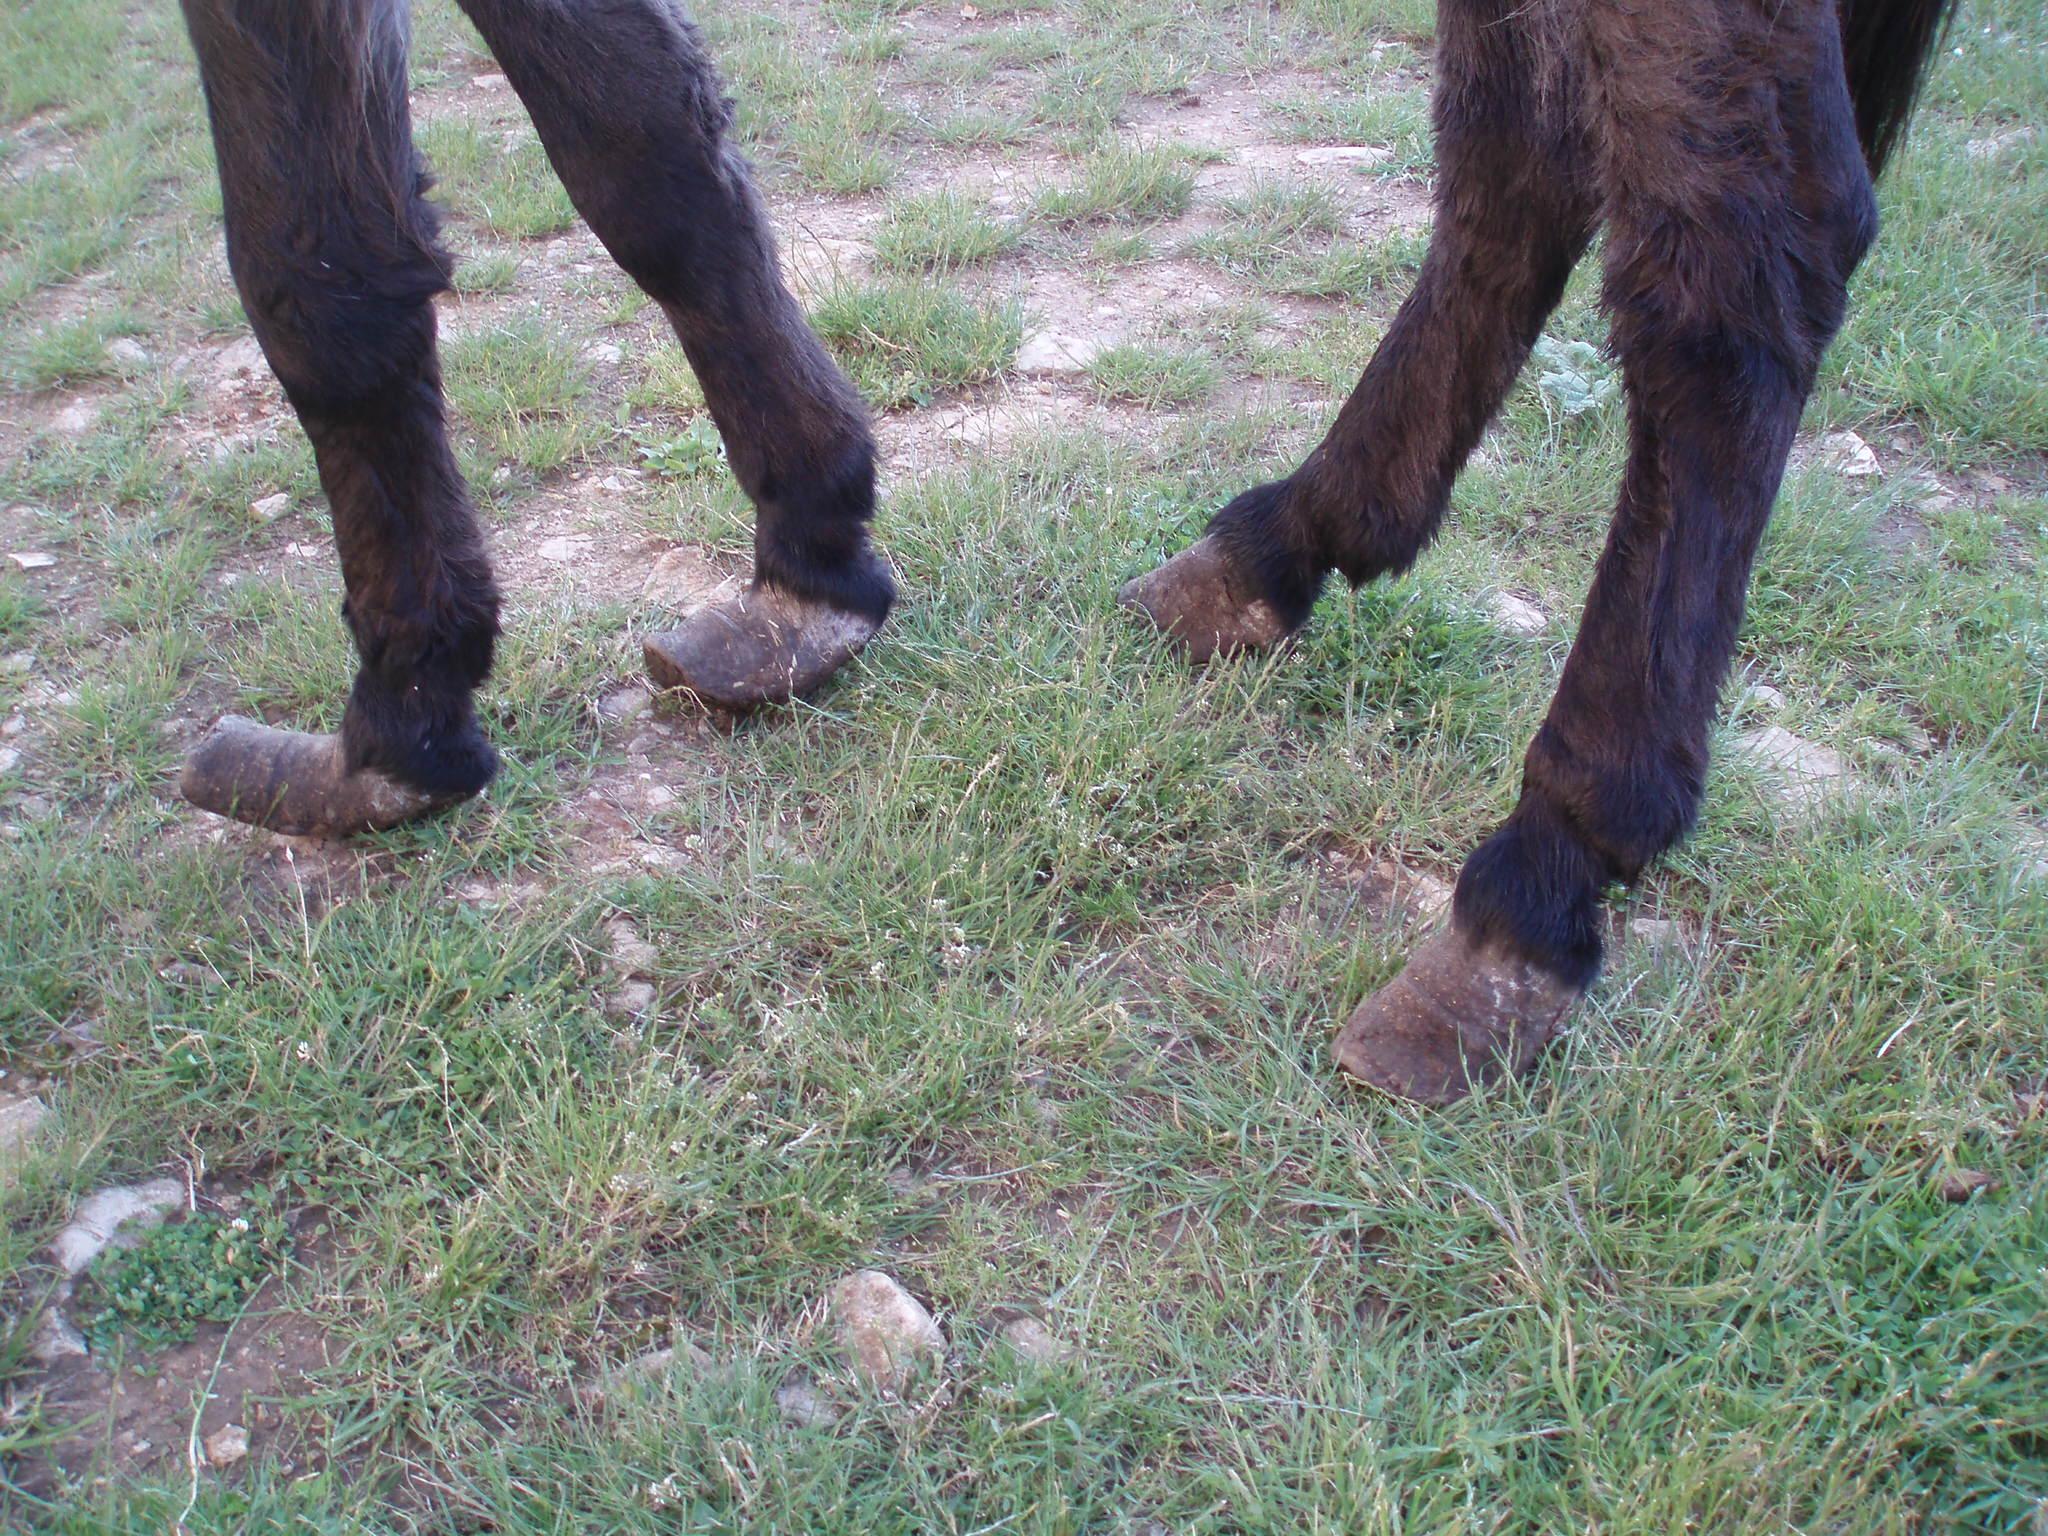 Titan's feet